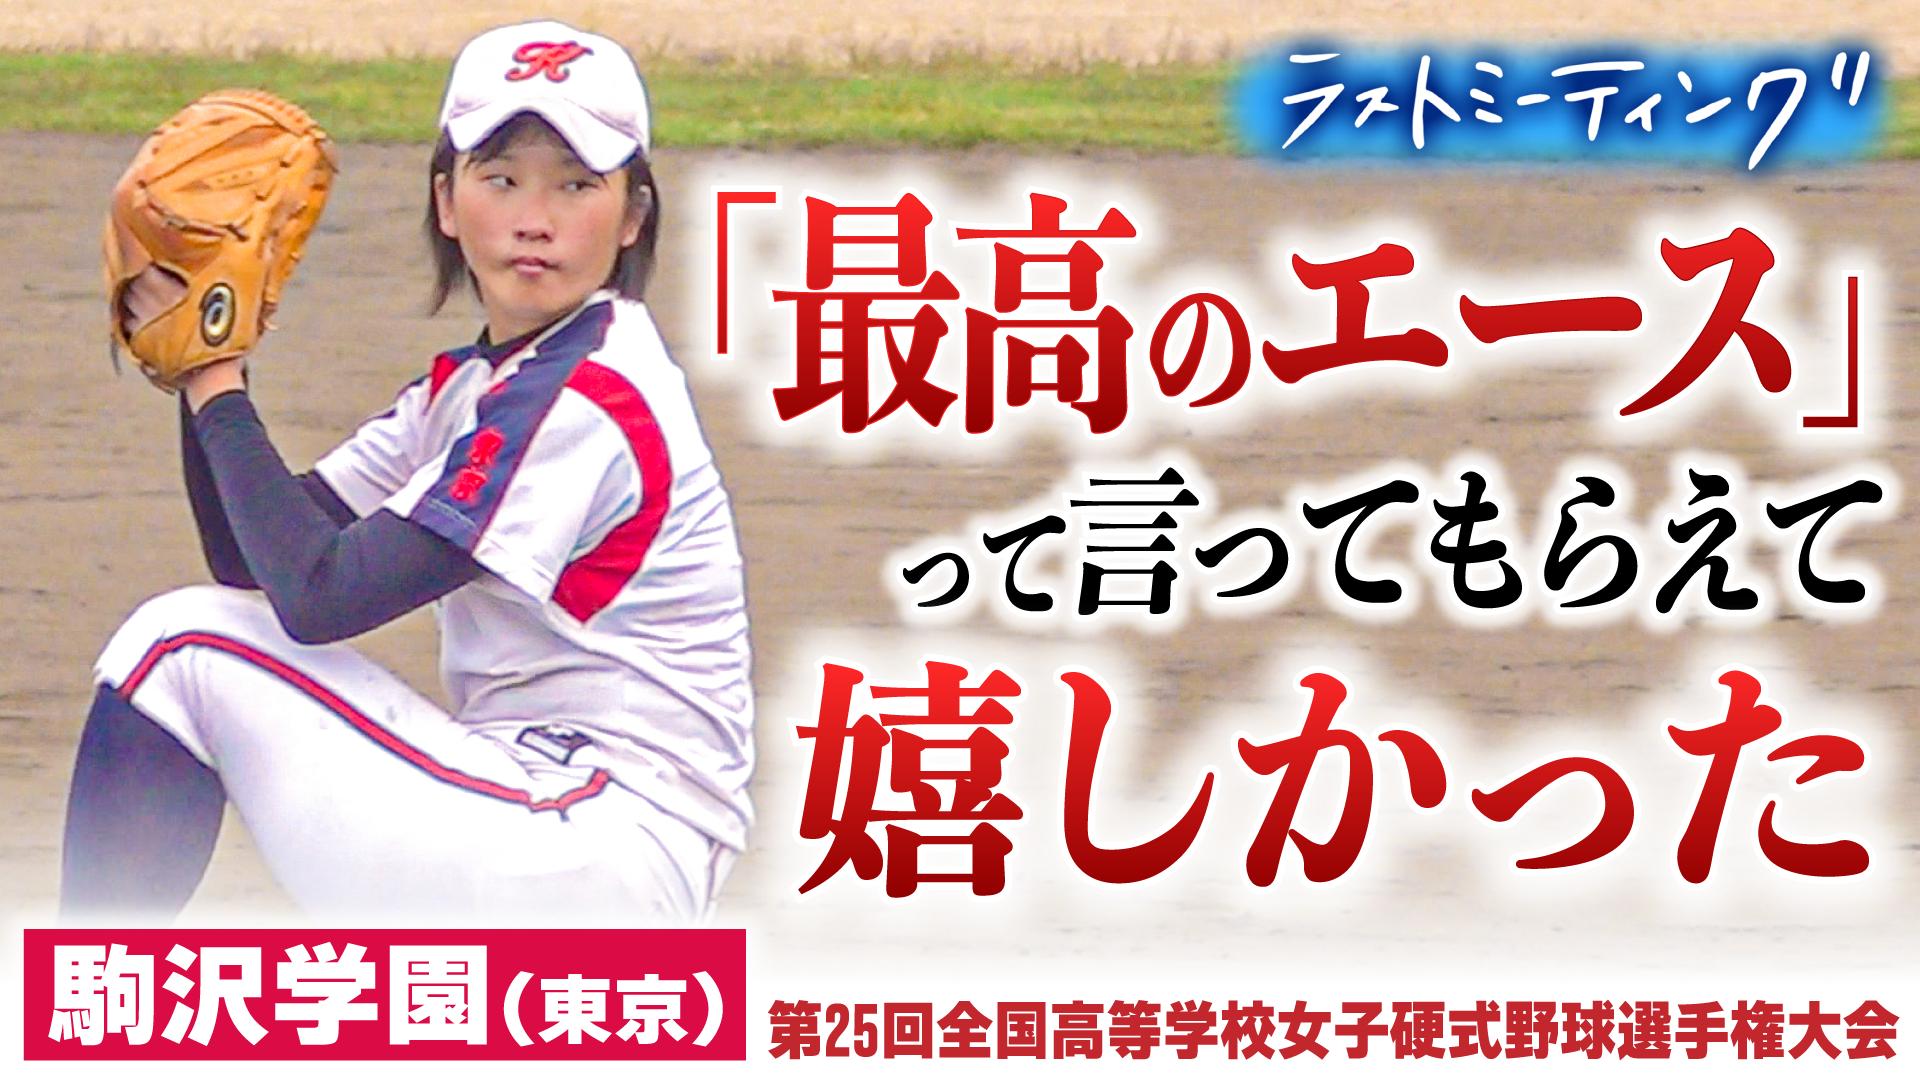 【ラストミーティング】「最高のエースって言ってもらえた」もつれる試合は終盤まさかの結果に...悔し涙も、想いは次の世代に 駒沢学園(東京)〔第25回全国高校女子硬式野球選手権〕ブカピ